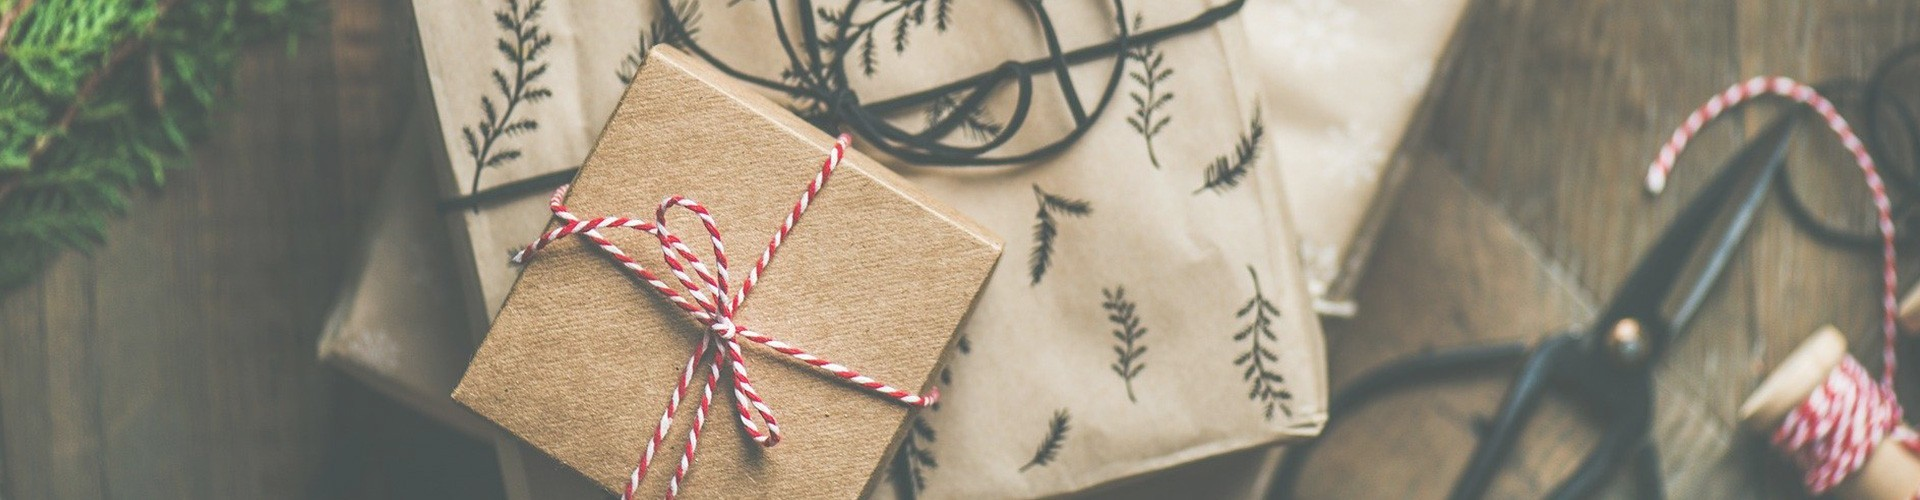 Coffrets cadeaux de Noël - bboutique